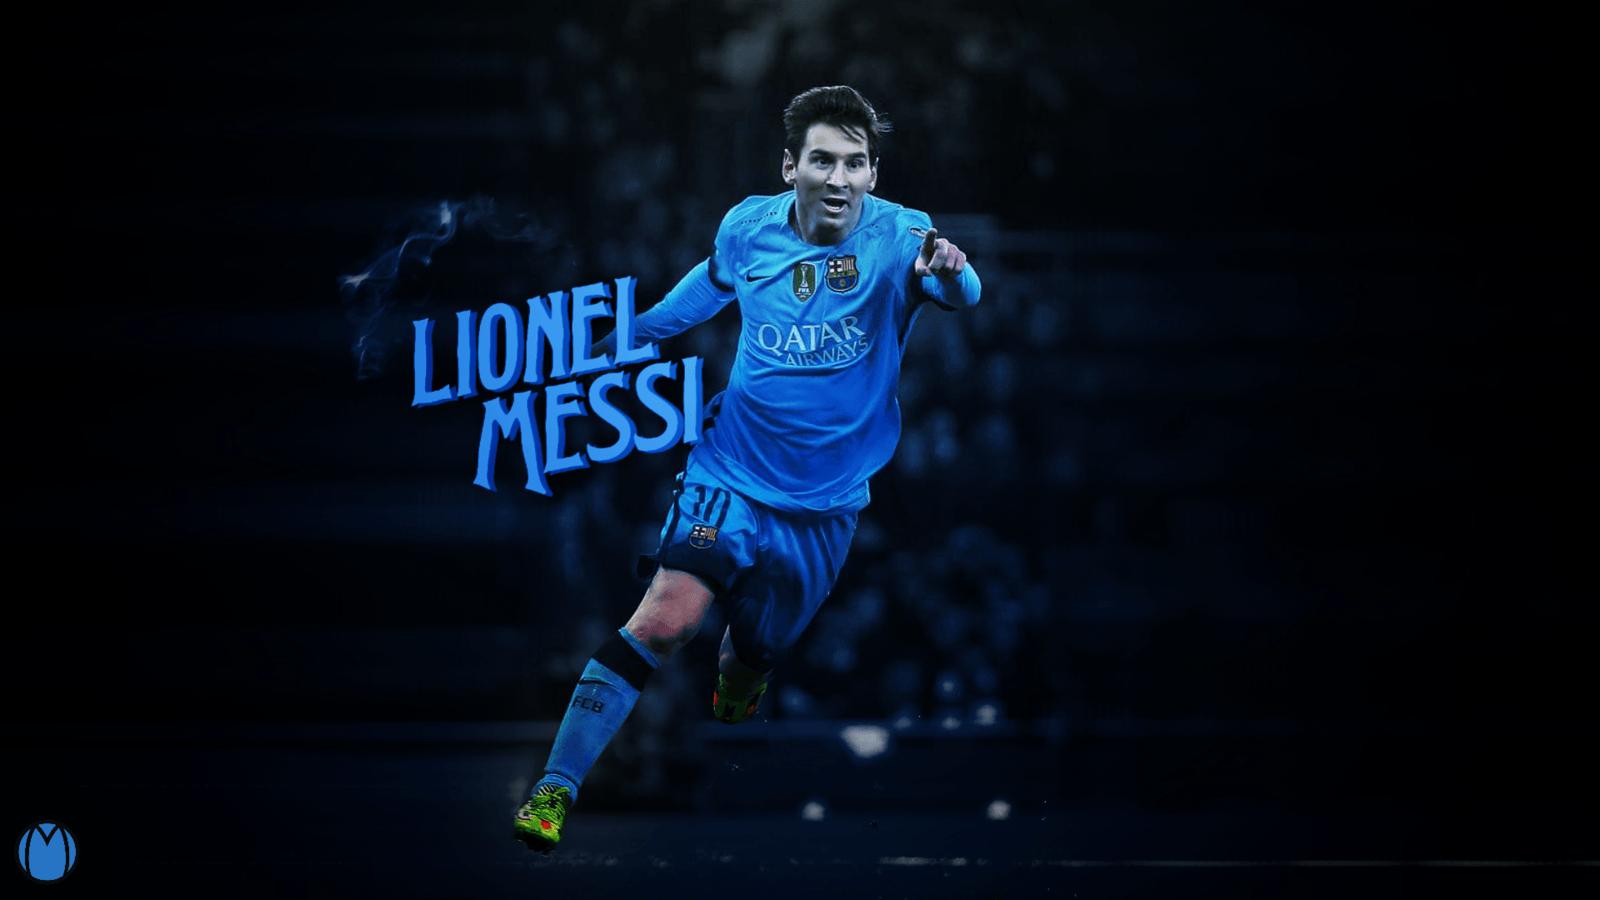 Fifa 18 Wallpaper >> Lionel Messi 2017 Wallpapers - Wallpaper Cave